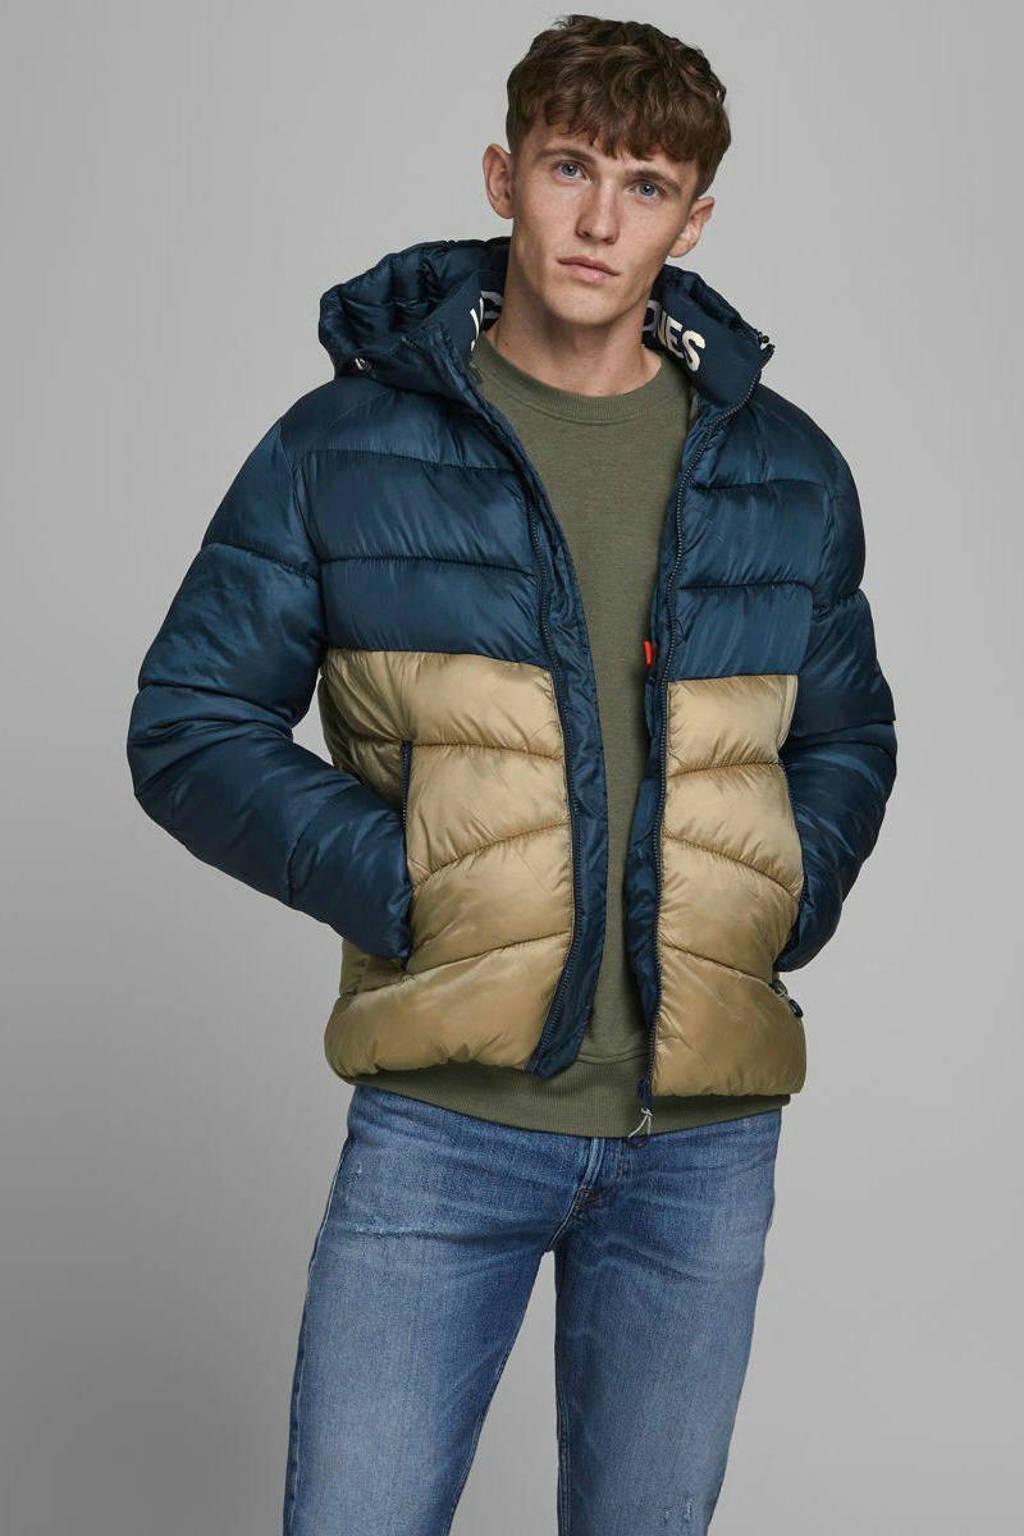 JACK & JONES ORIGINALS jas donkerblauw/beige, Donkerblauw/Beige